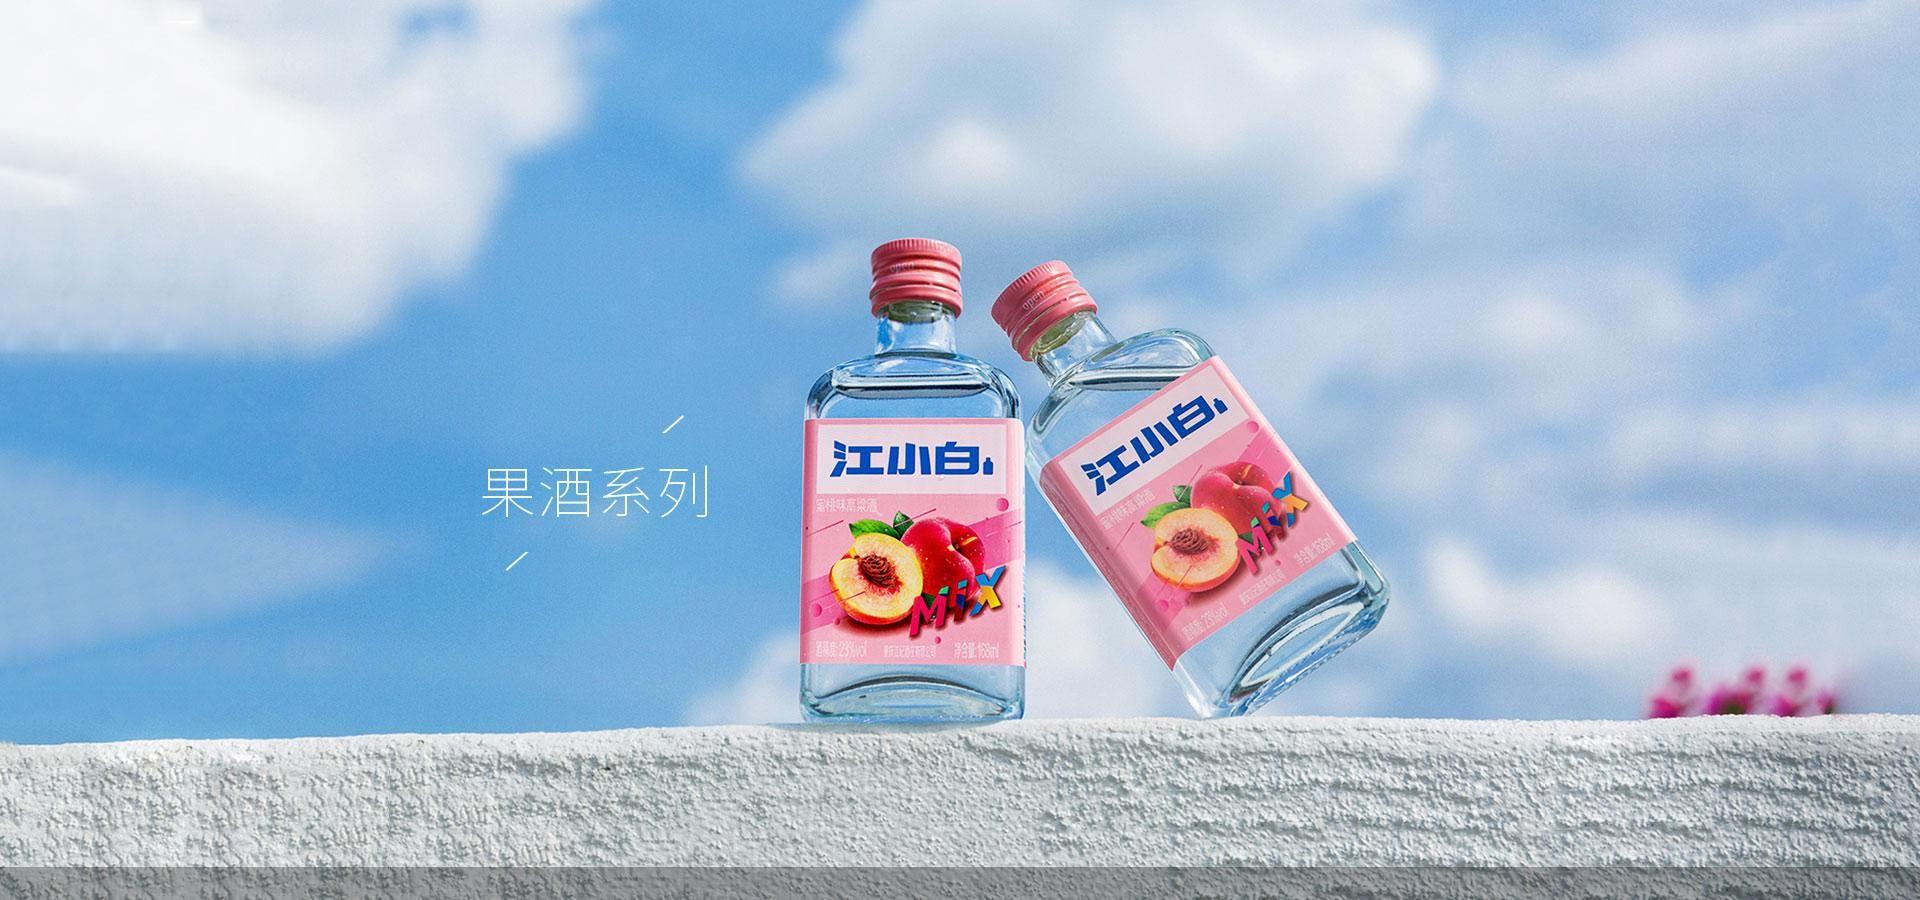 现如今瞄准果酒的江小白骨子里是个地道的白酒品牌